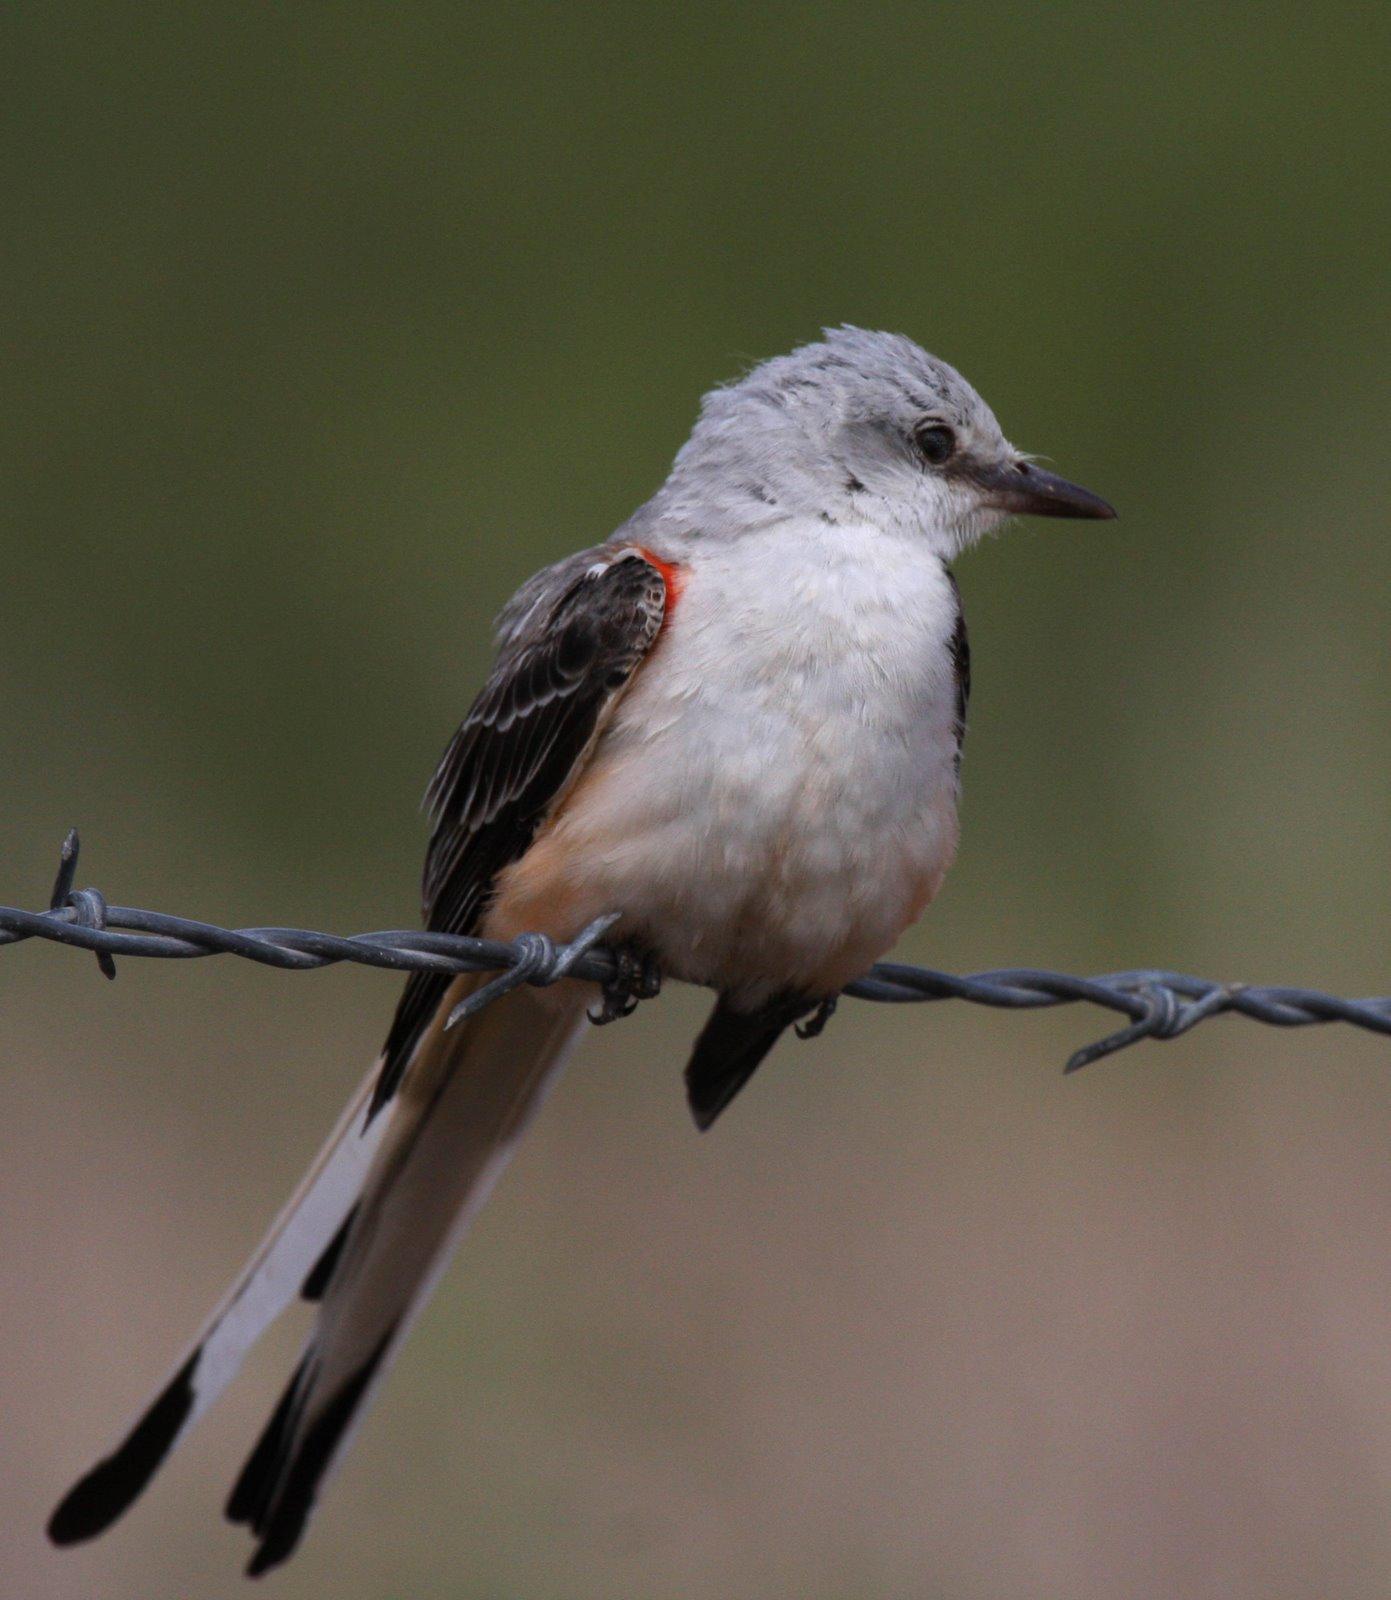 wyncote audubon society photography group VdOe